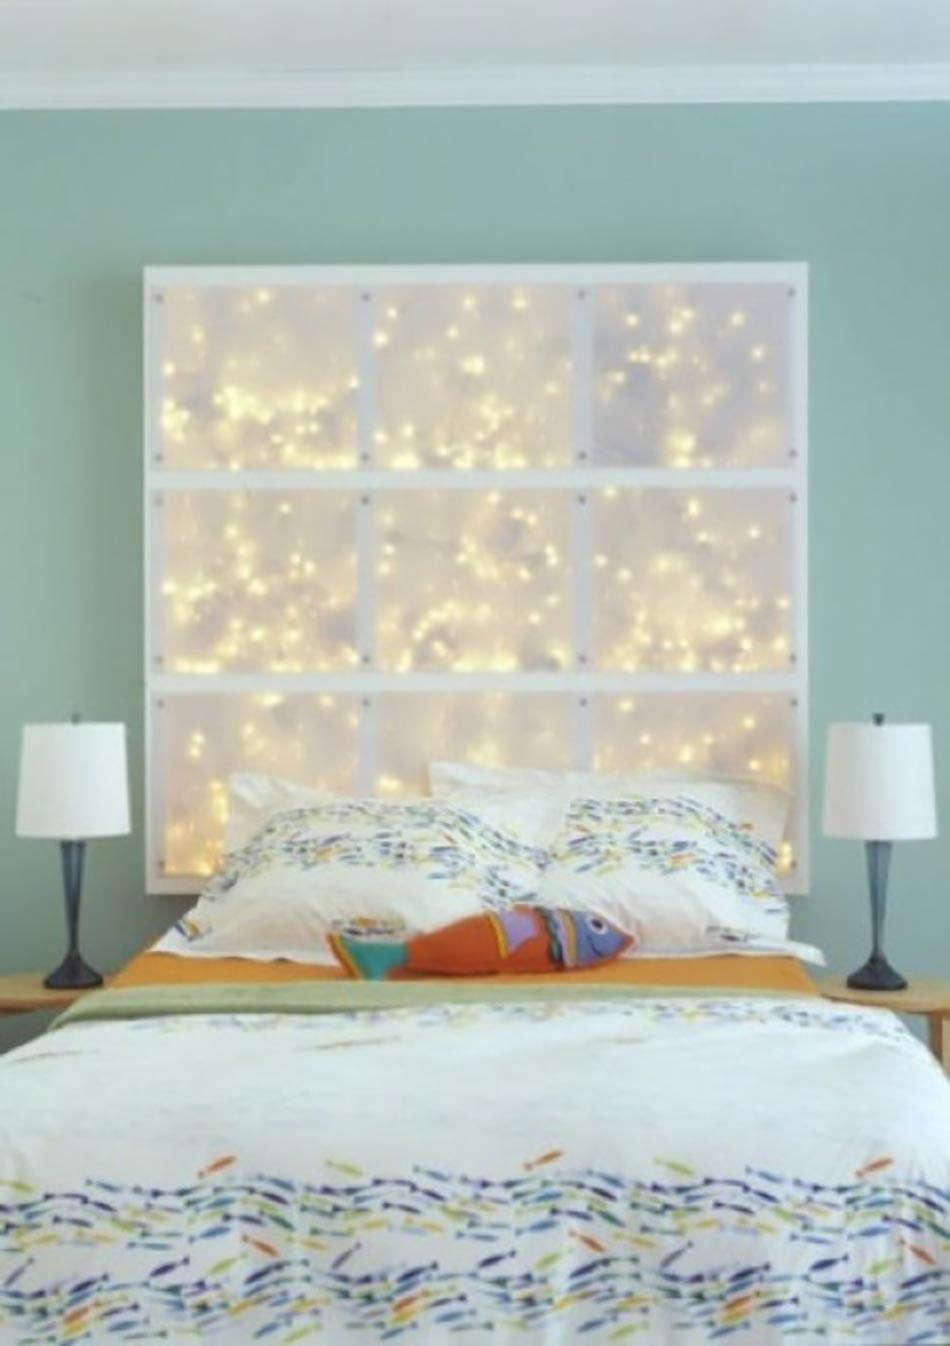 décoration de Noël pour une chambre sympa  Design Feria